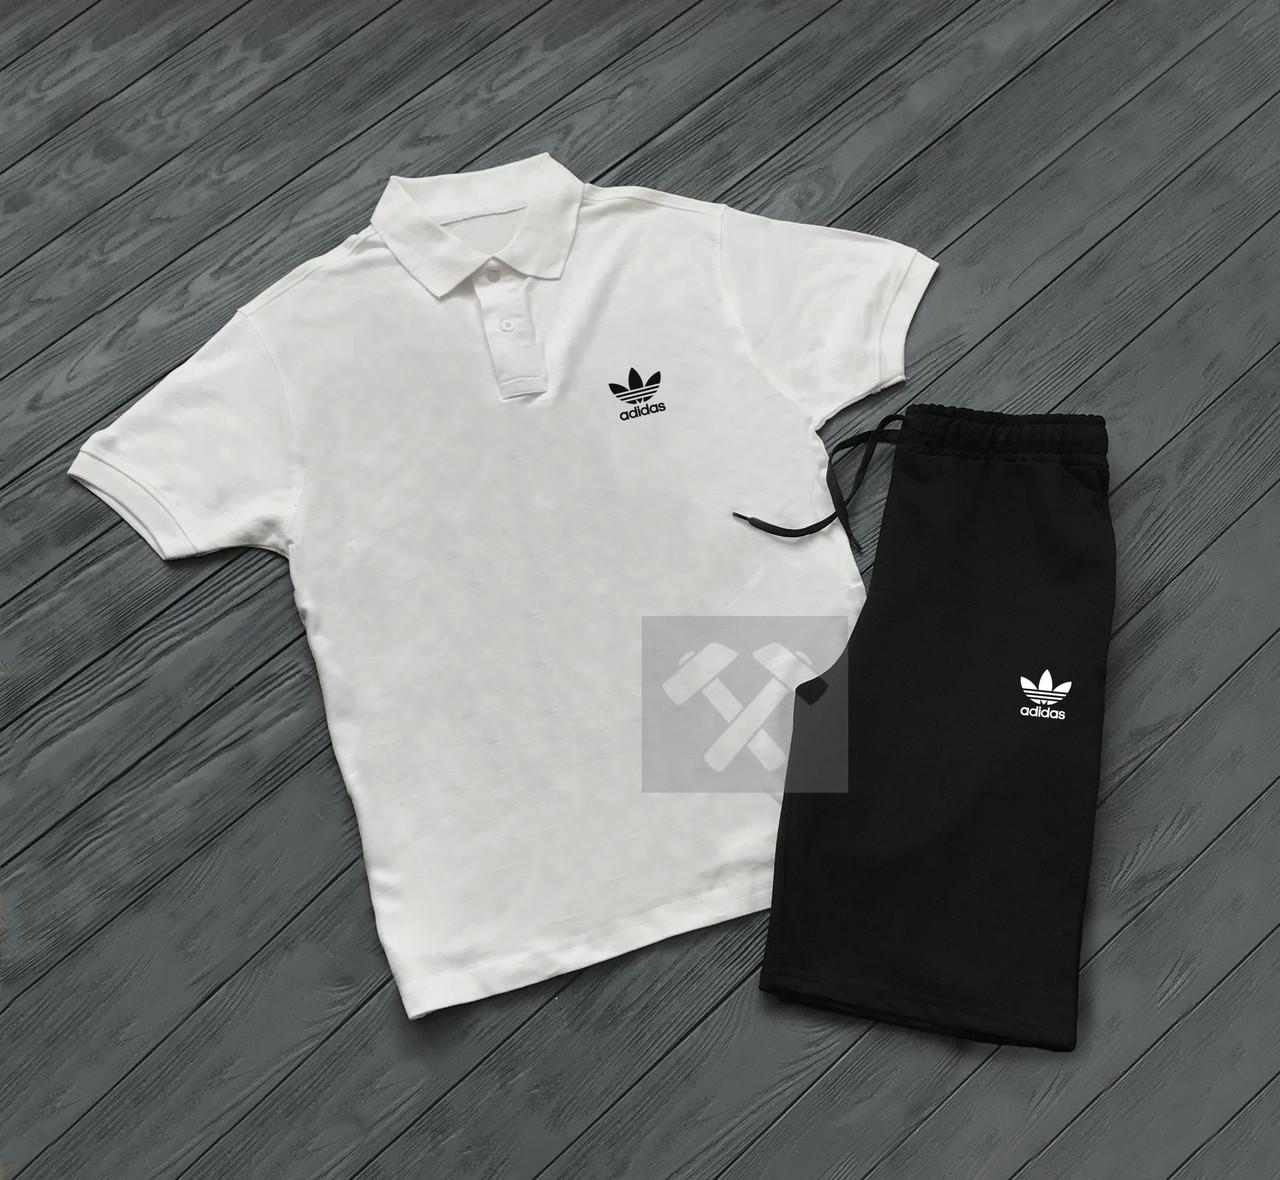 b0df18751033 Летний мужской спортивный костюм Adidas Originals белый верх черный низ -  Интернет магазин обуви «im